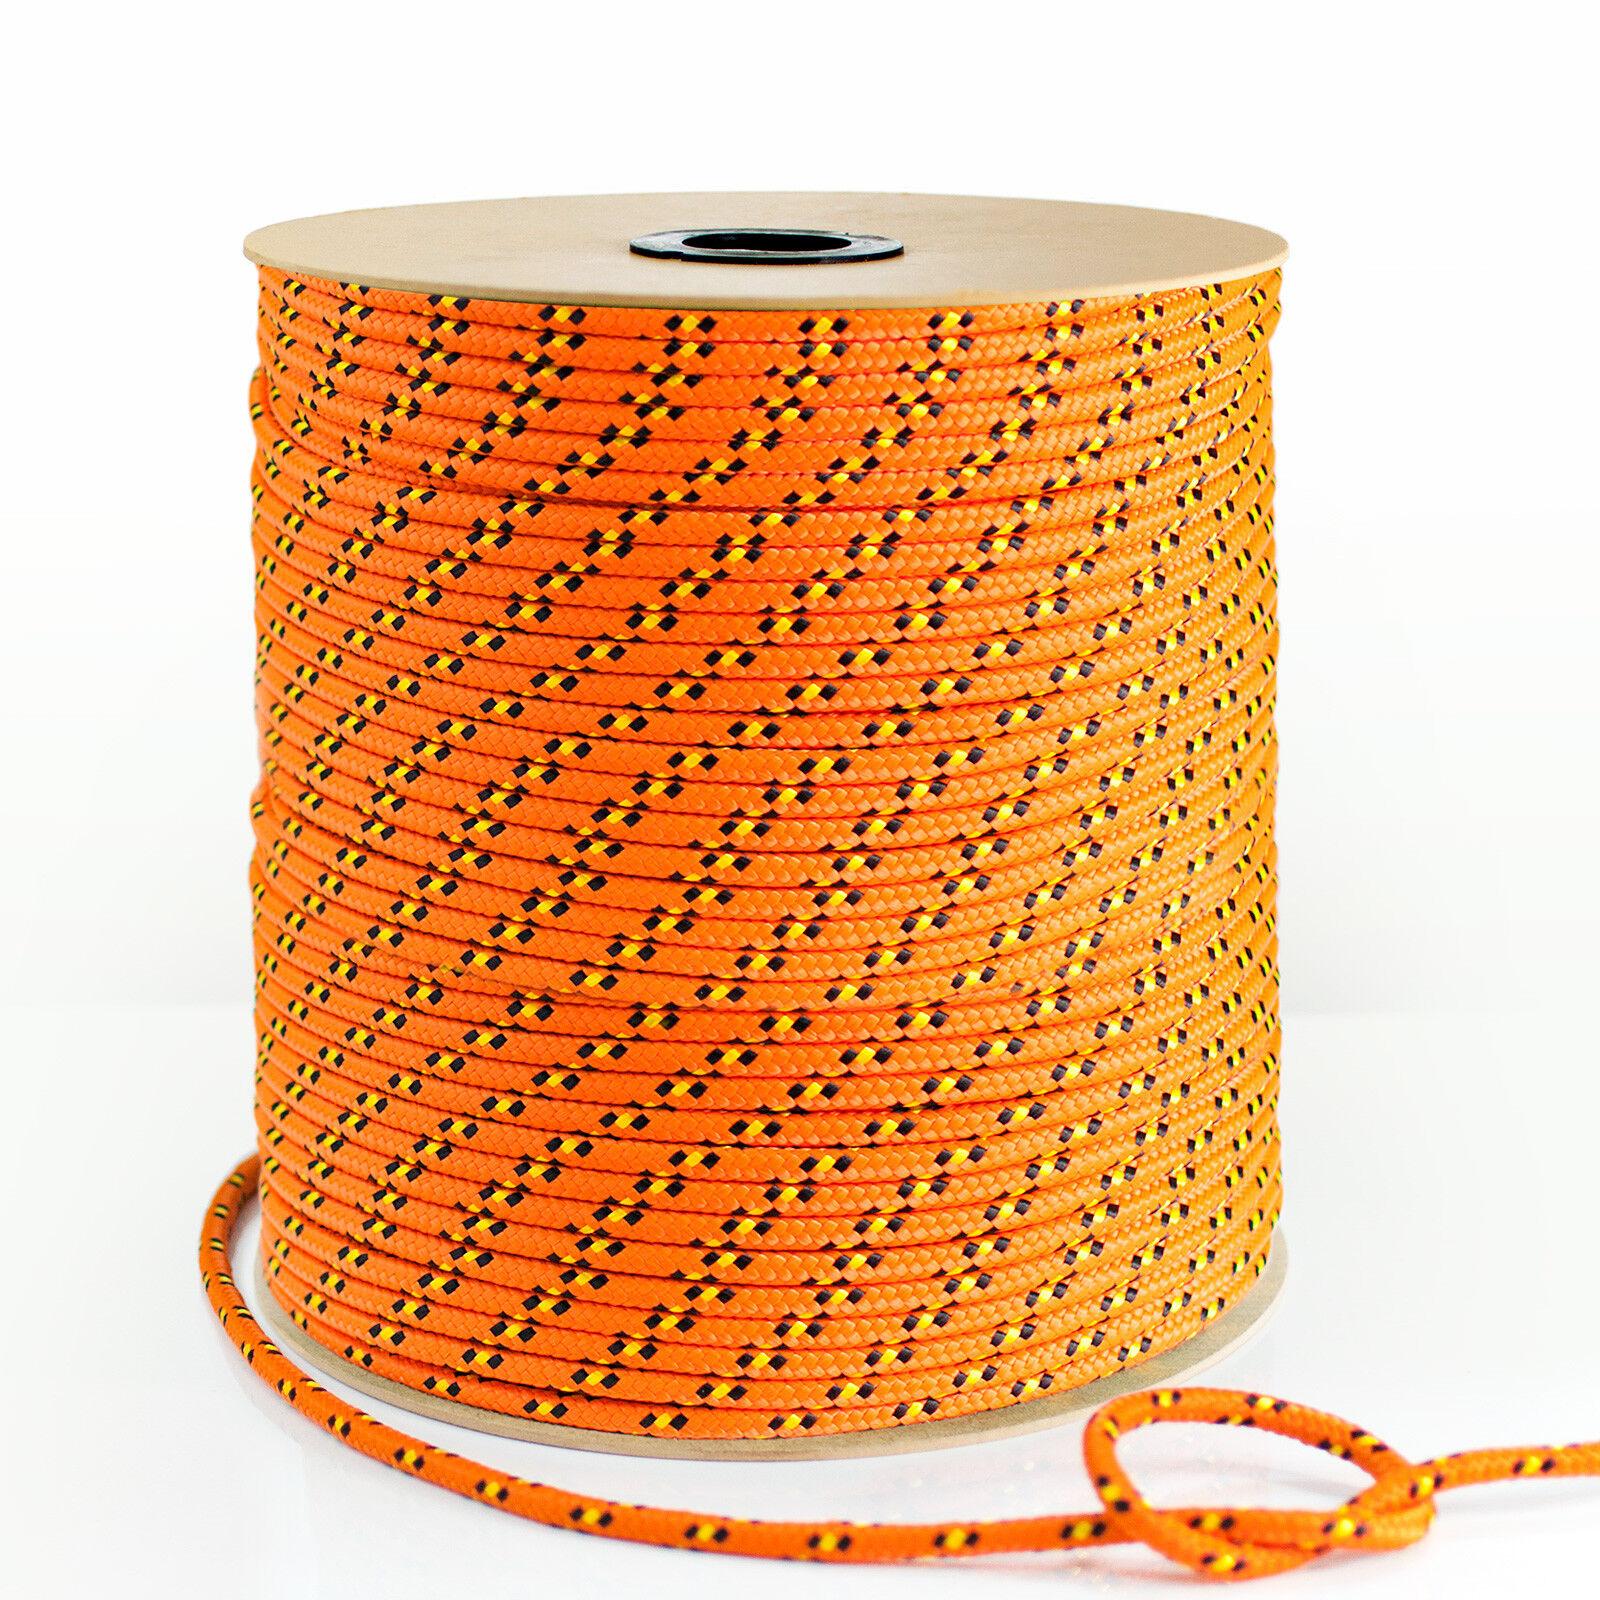 Polypropylenseil Orange PP Polypropylen Seil Festmacher Tauwerk Flechtleine Tauwerk Festmacher 2427ba